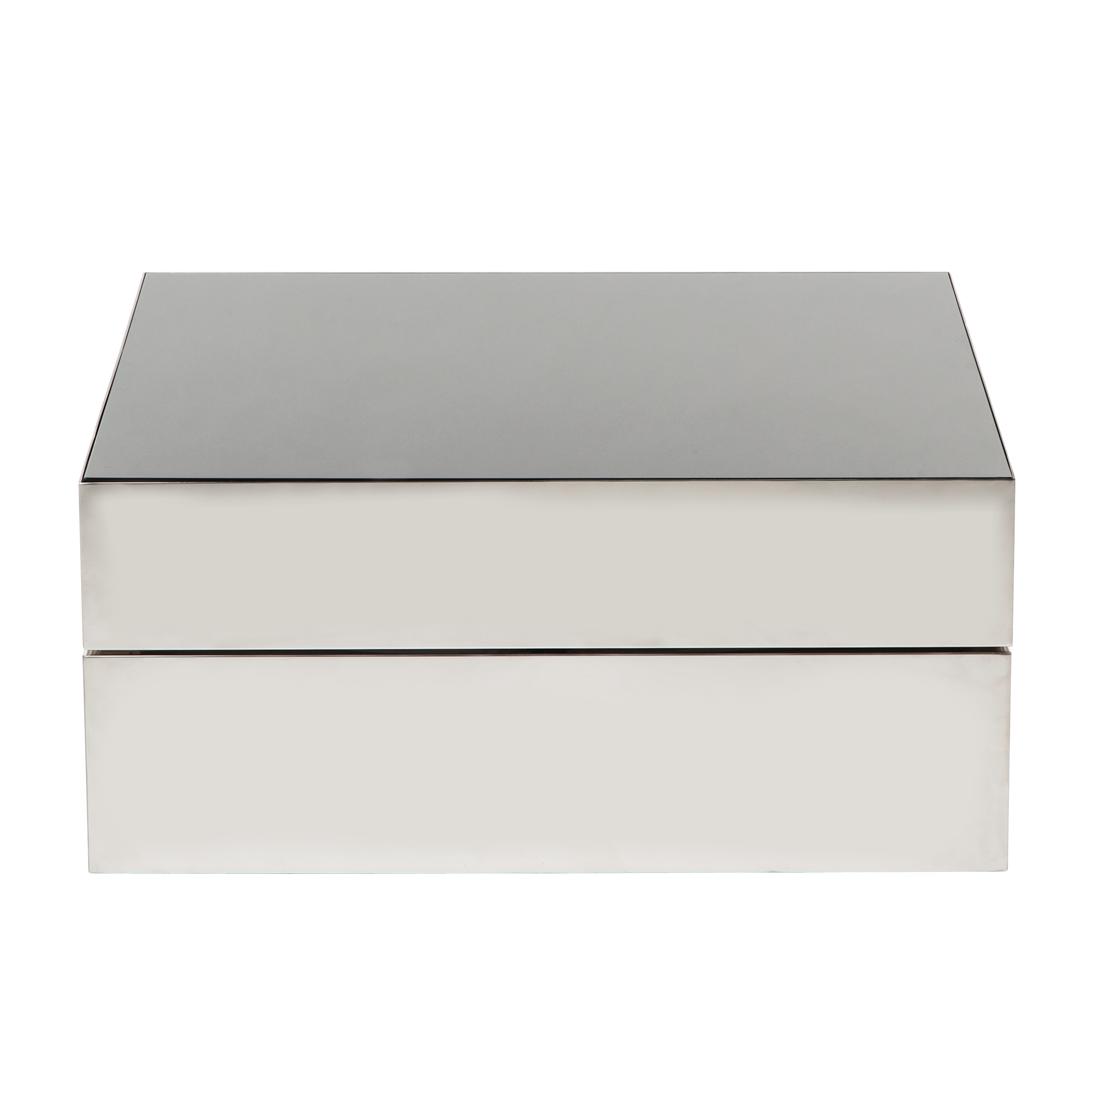 couchtisch quadratisch silber schwarz hochglanz beistelltisch wohnzimmertisch ebay. Black Bedroom Furniture Sets. Home Design Ideas